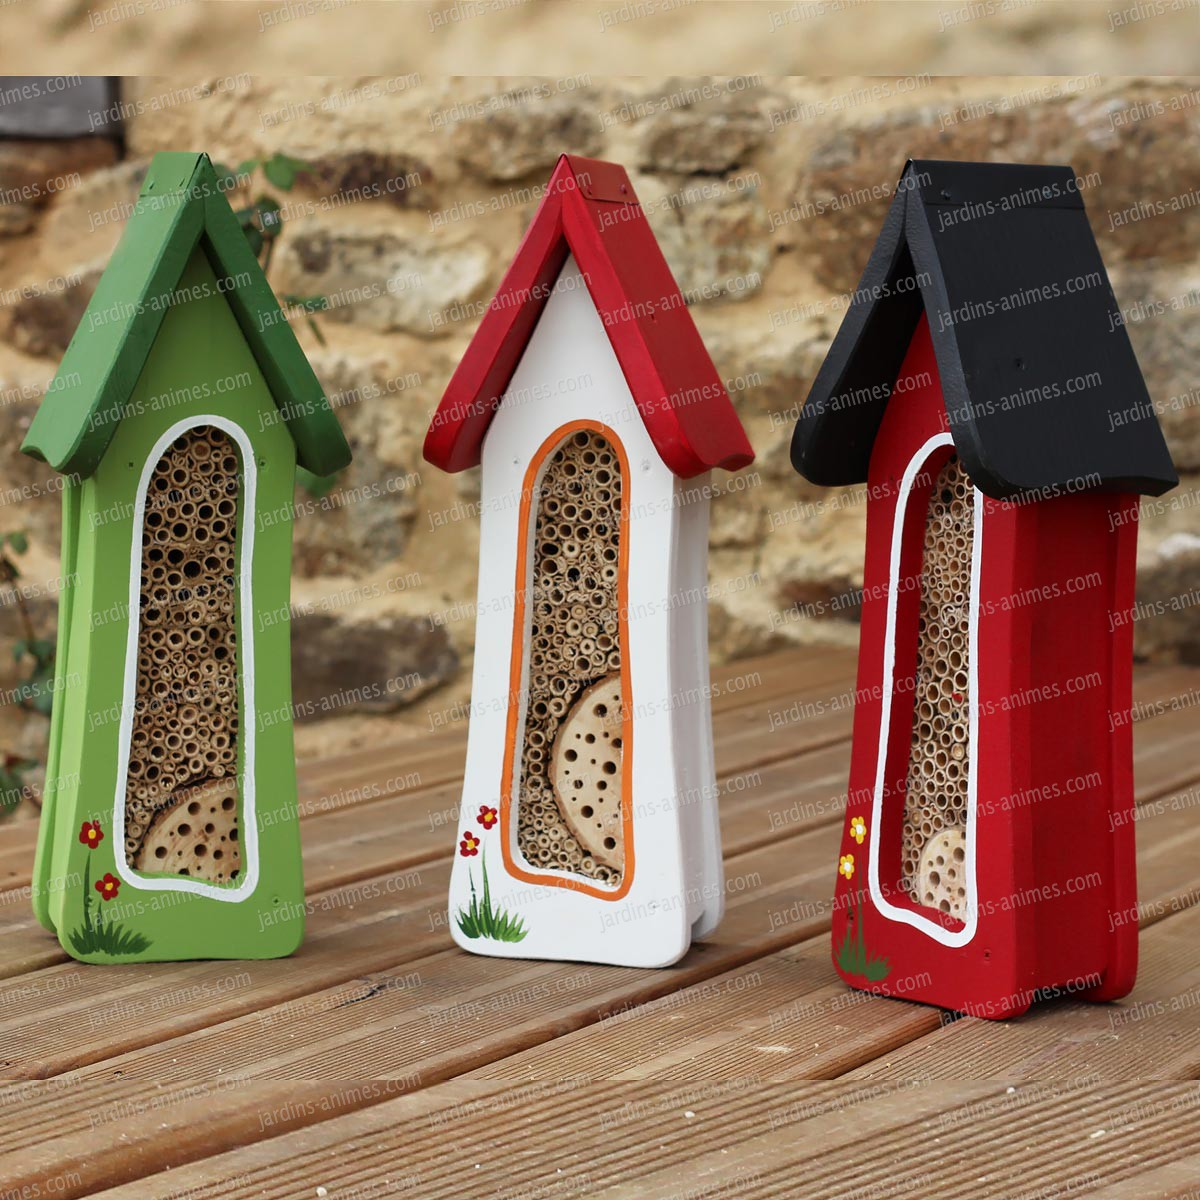 tour abri insectes couleur maisons abris animaux. Black Bedroom Furniture Sets. Home Design Ideas